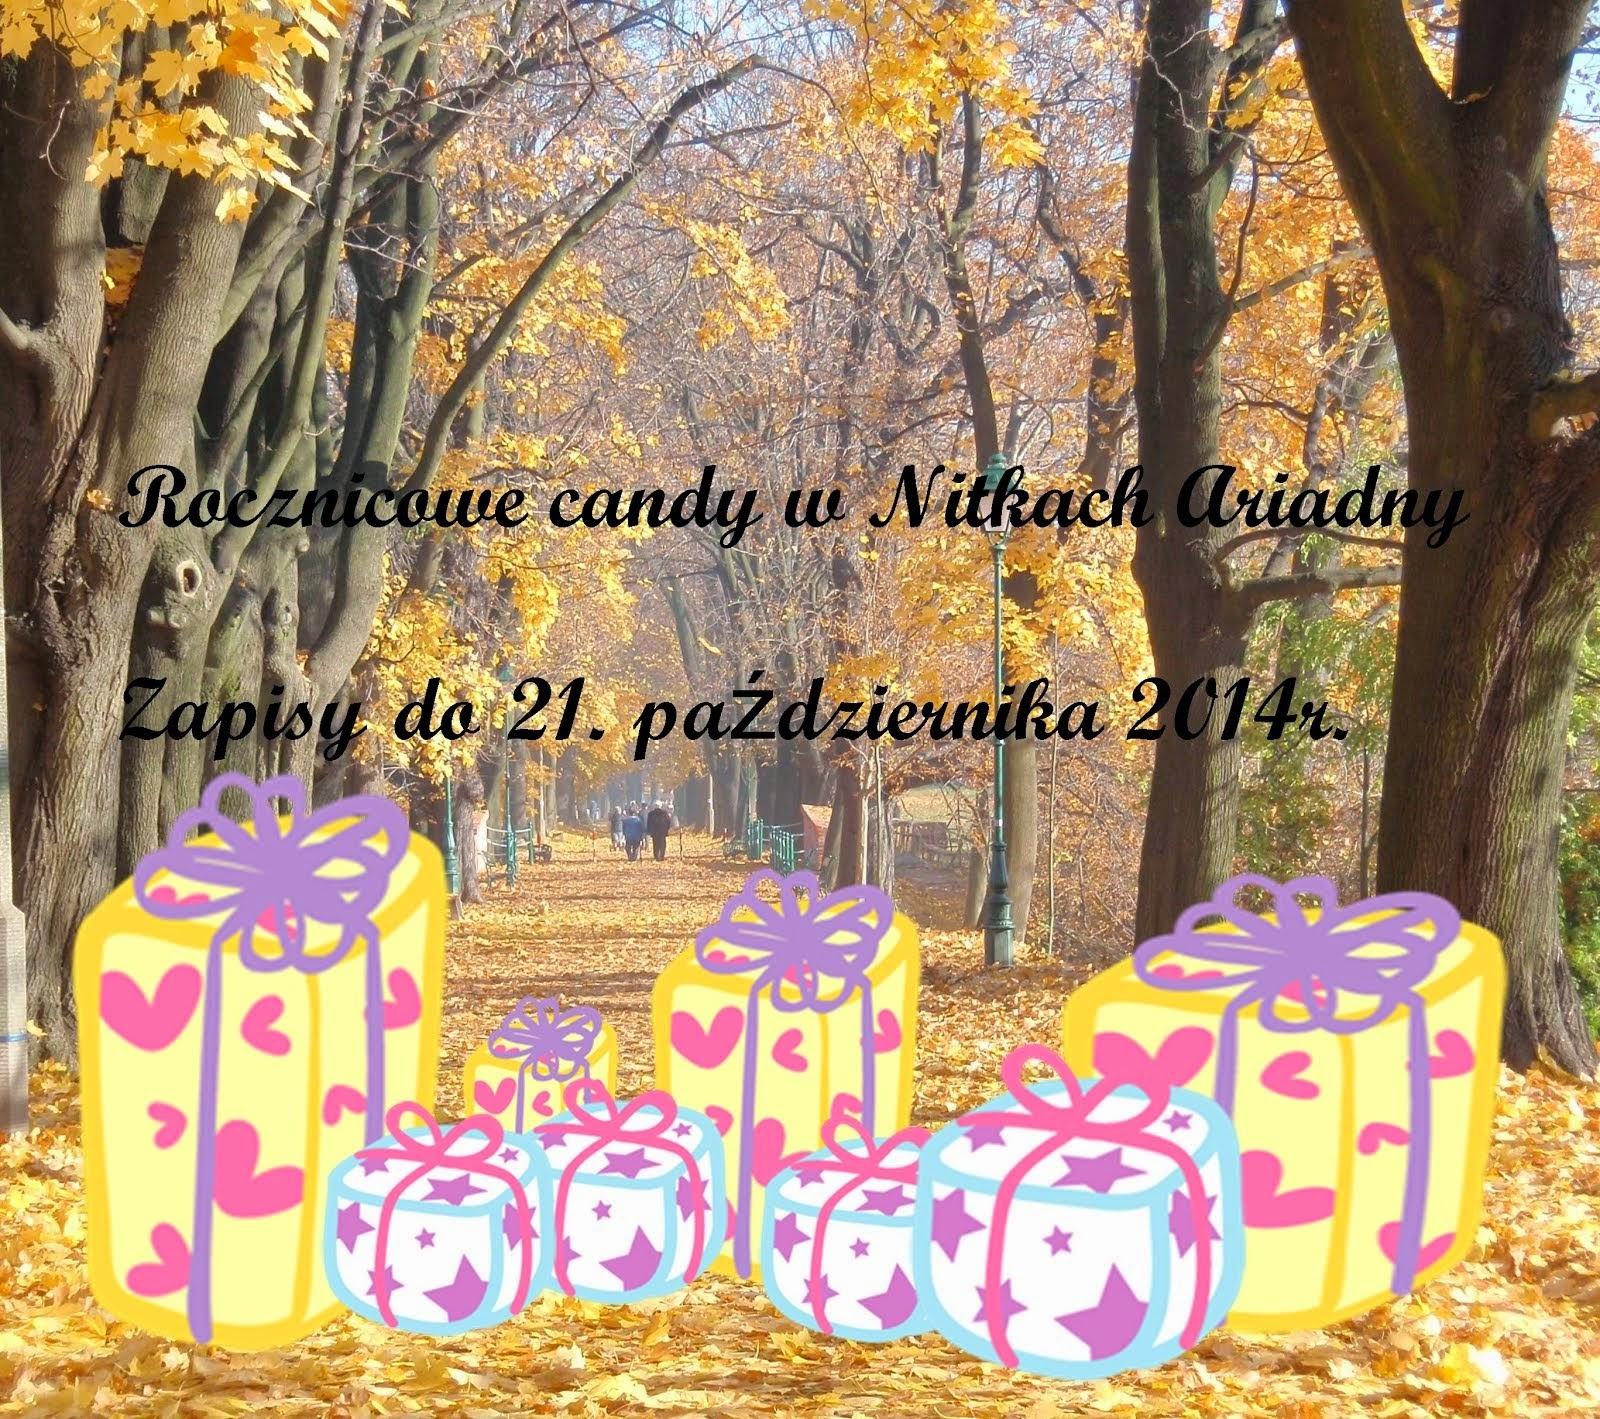 Candy w Nitkach Ariadny